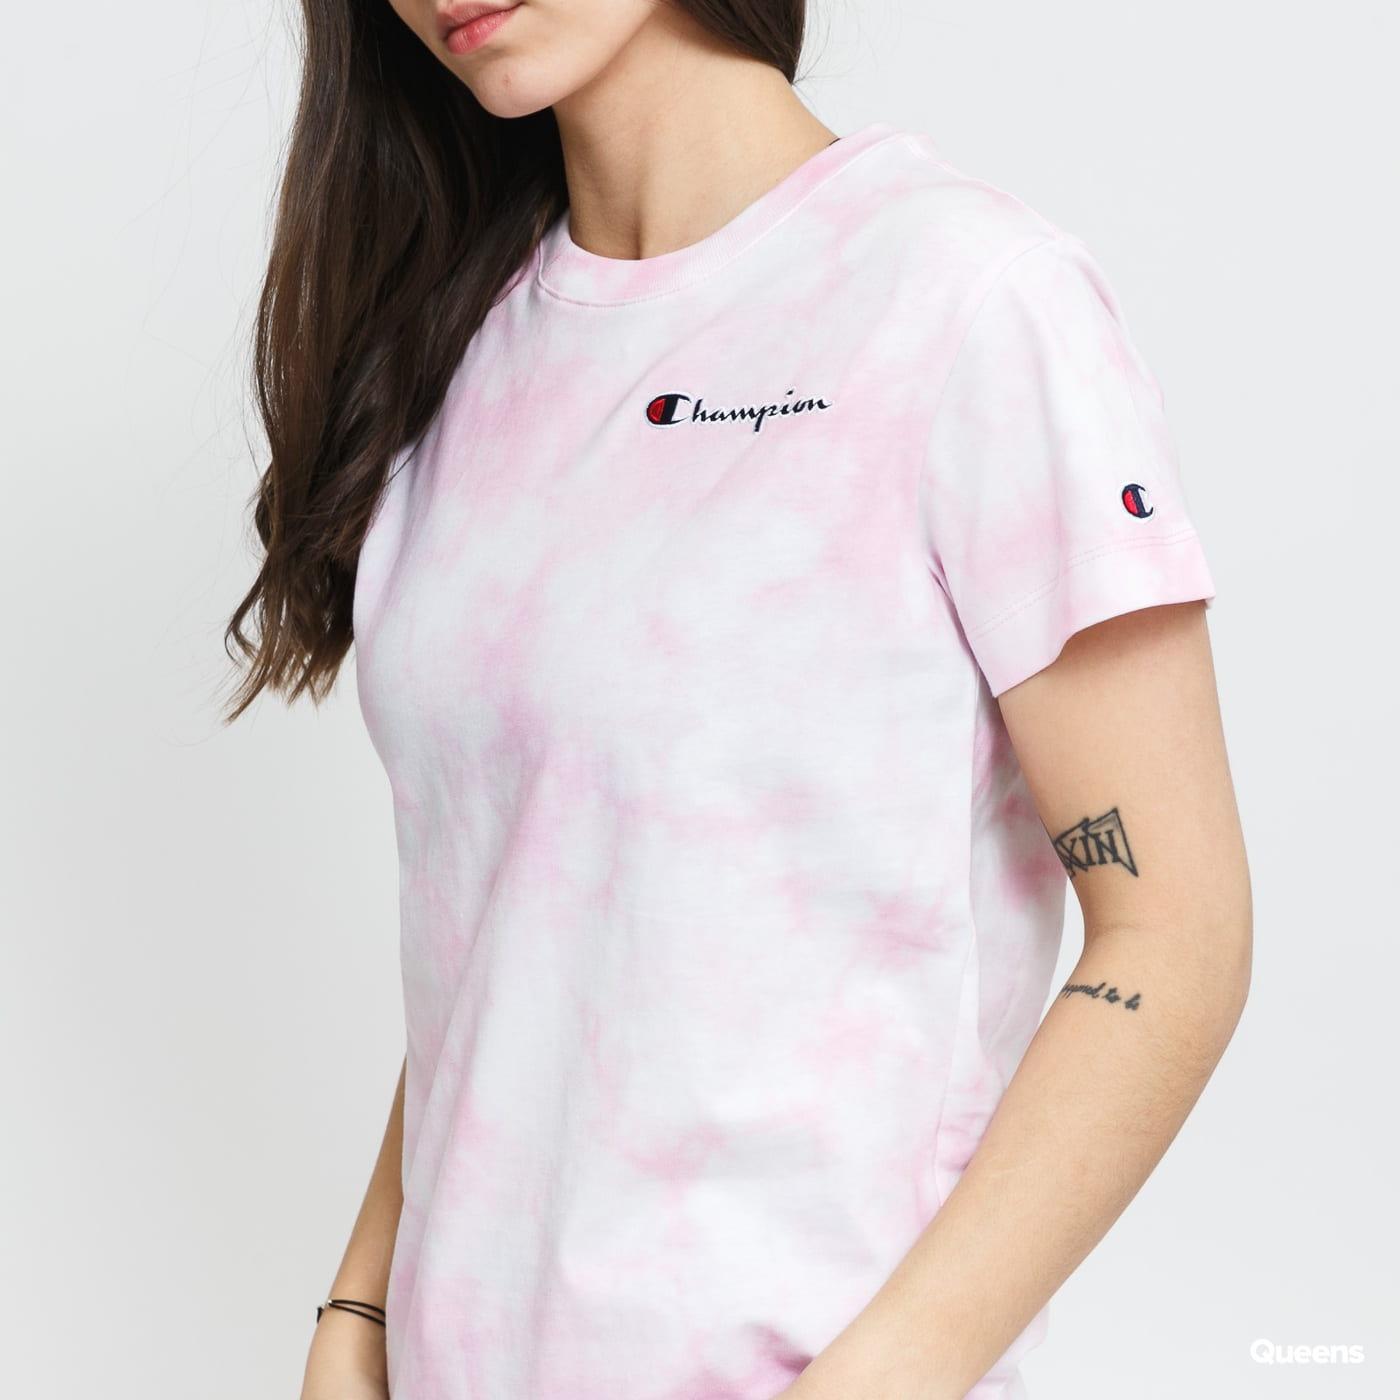 לצפייה במוצר  Champion Tee pink / white